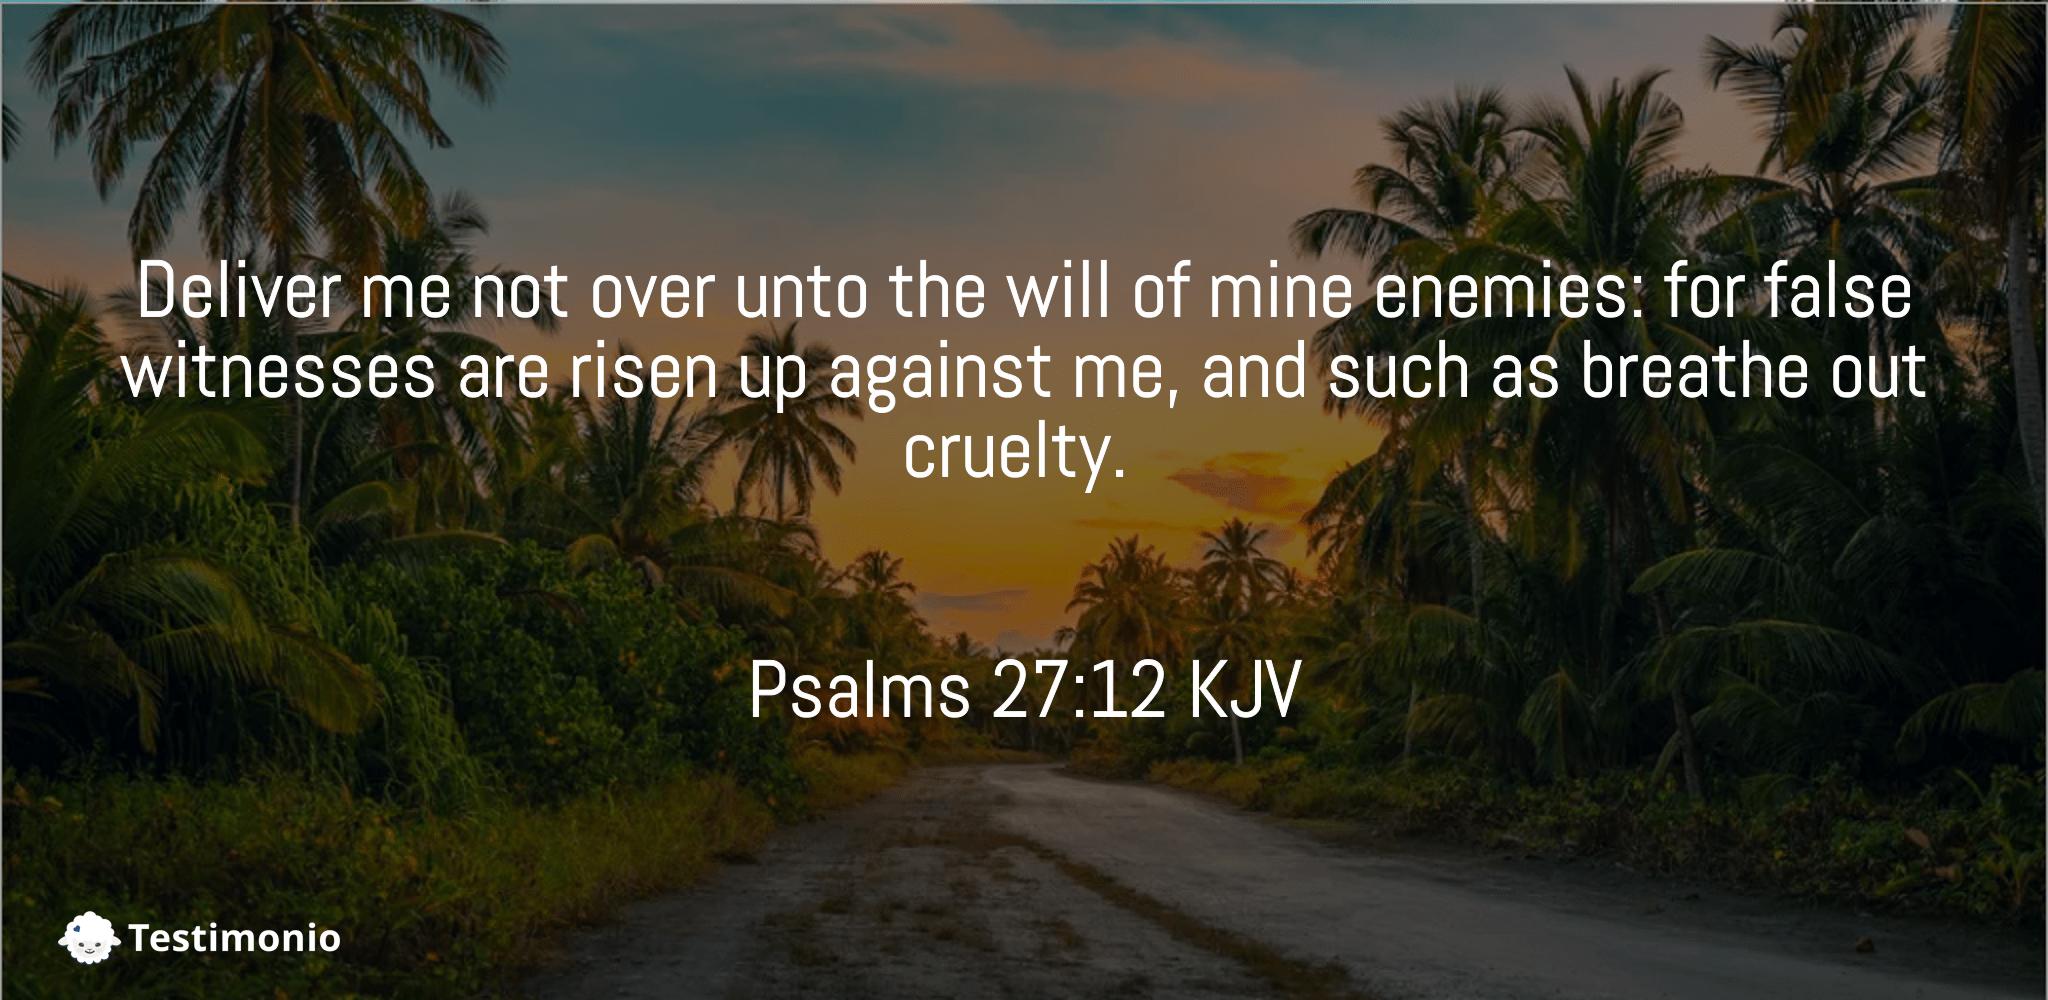 Psalms 27:12